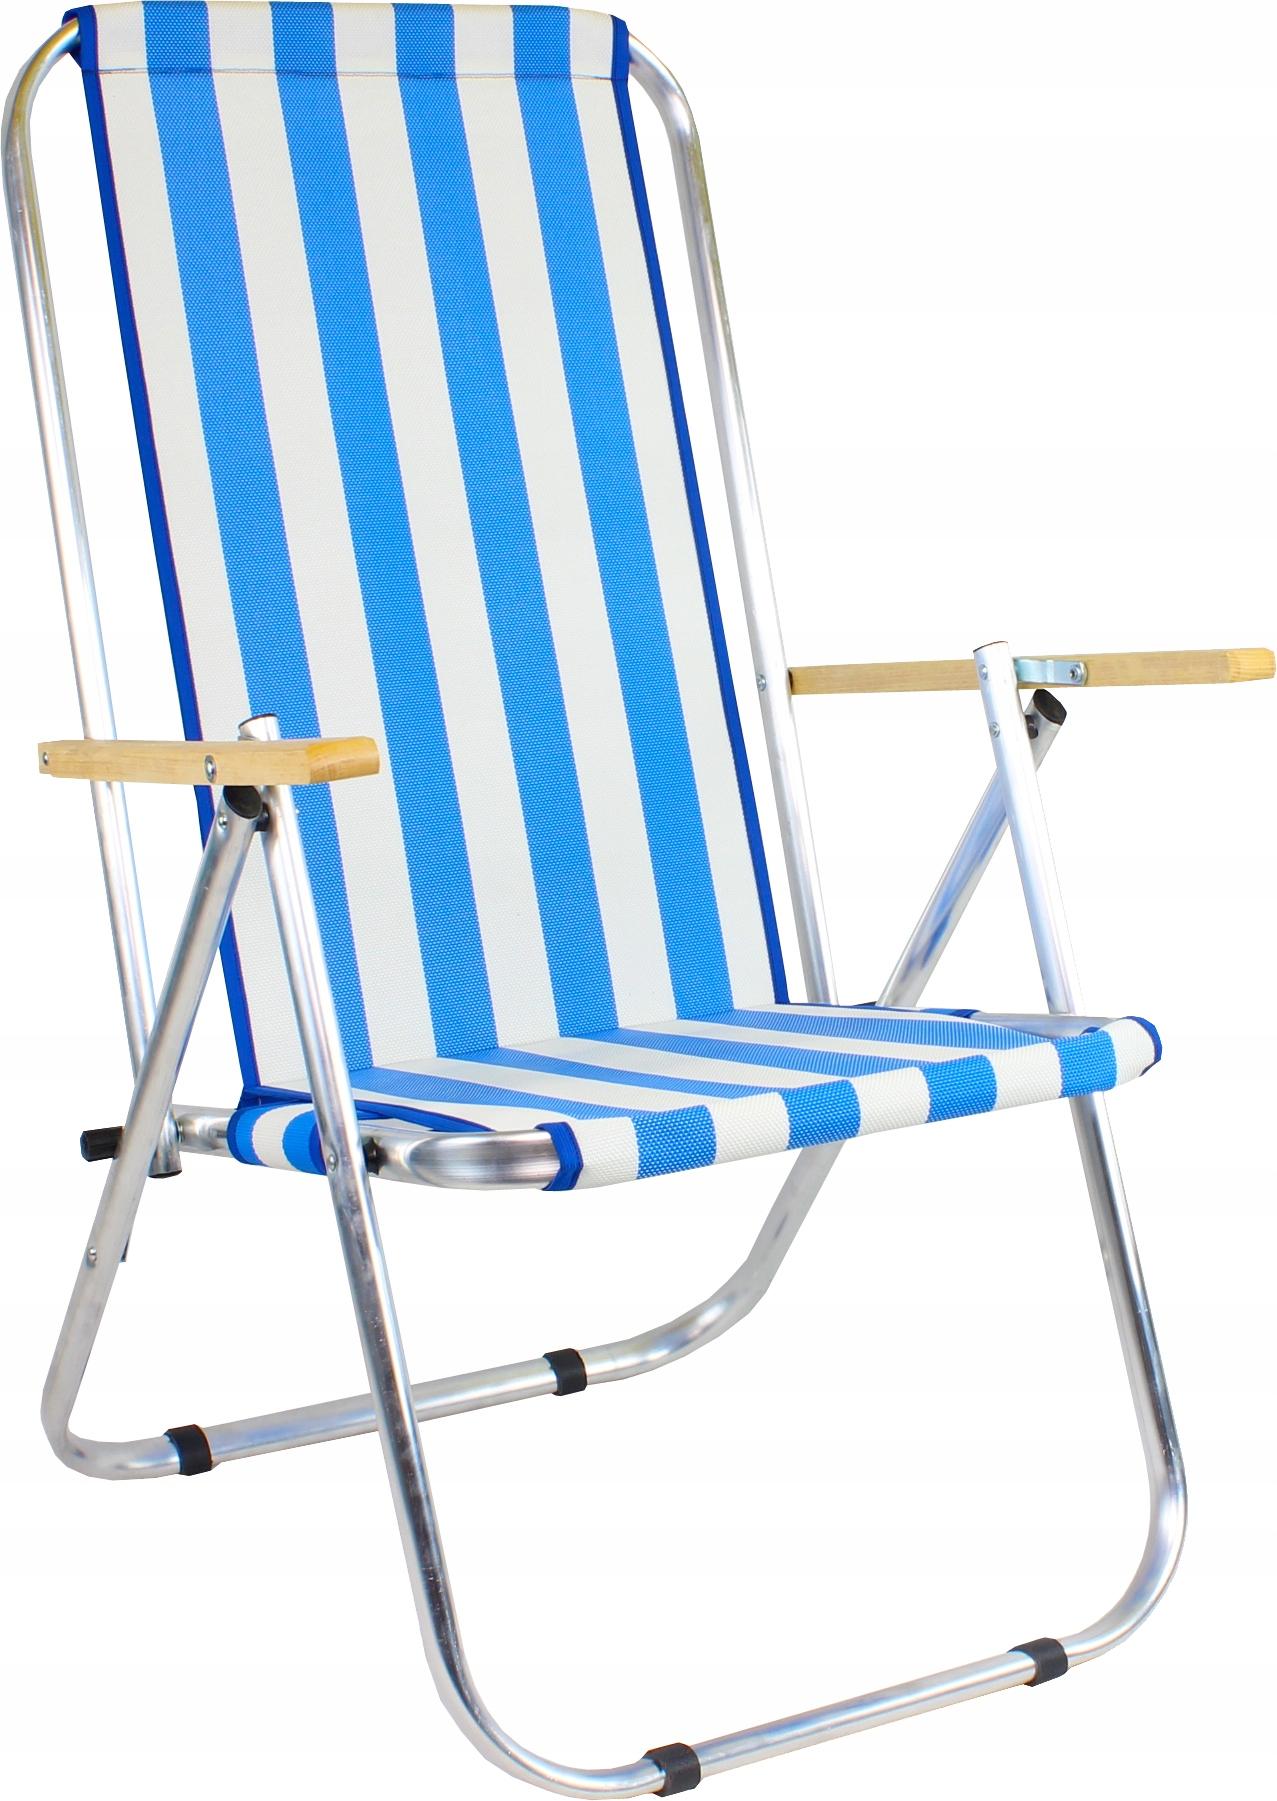 Сетчатый пляжный лежак, раскладное кресло До 150 кг.